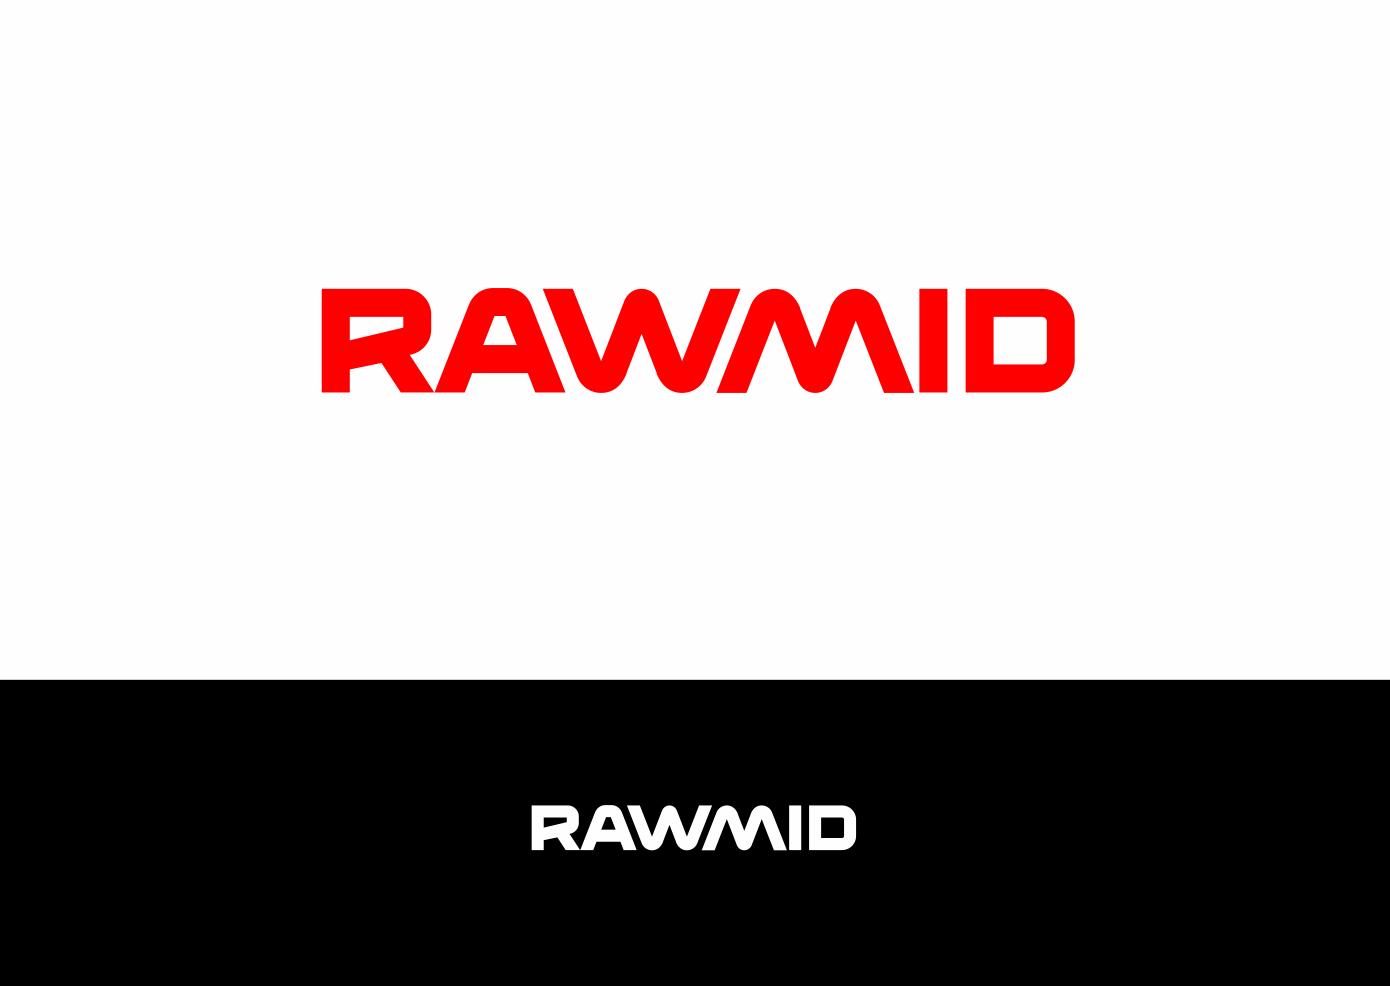 Создать логотип (буквенная часть) для бренда бытовой техники фото f_8825b33c64a48c72.png